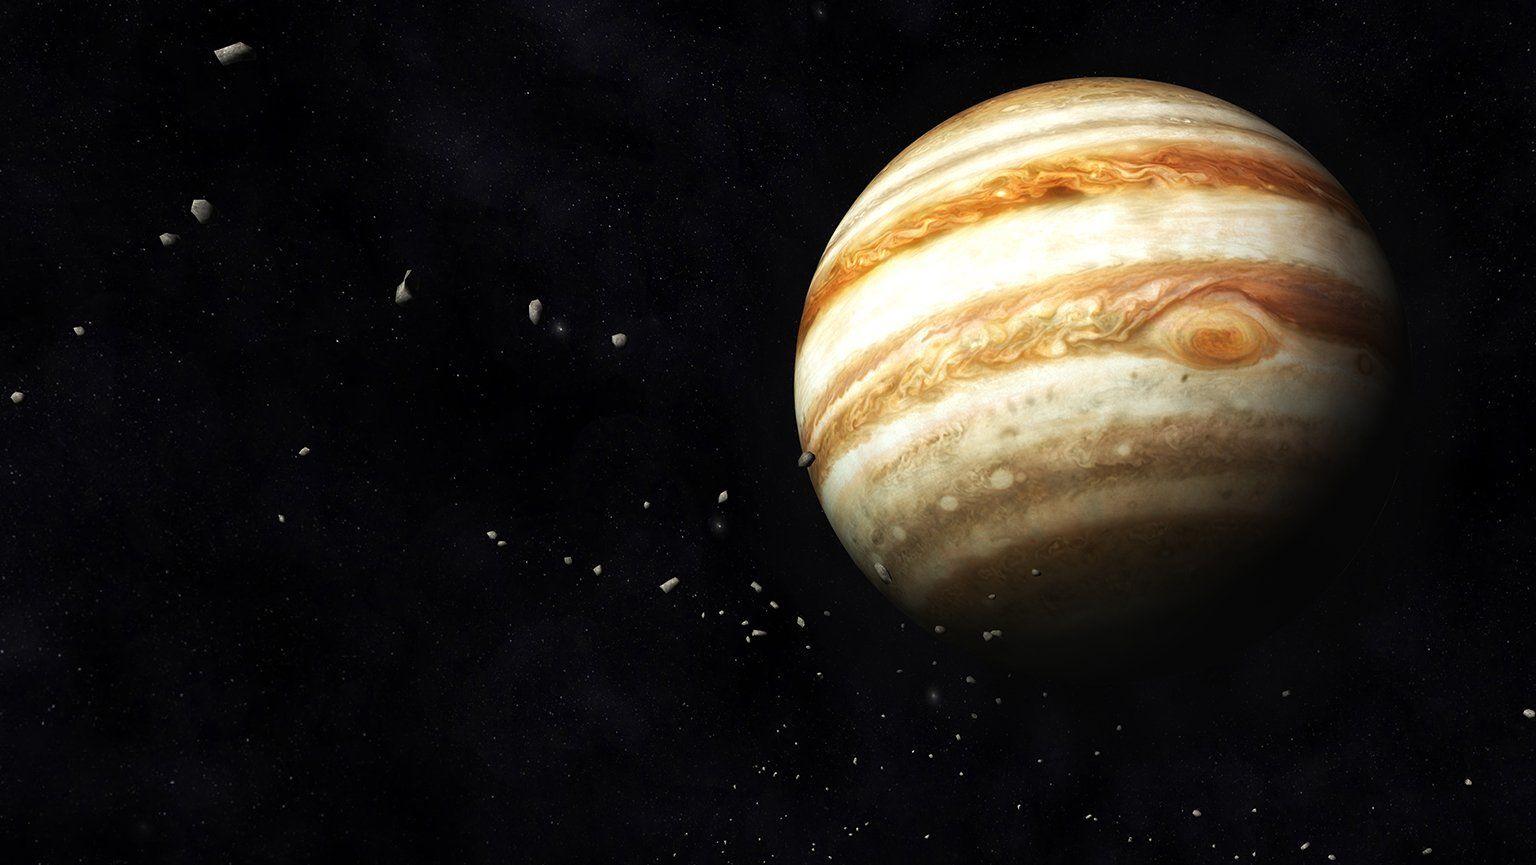 тане самая большая планета солнечной системы фото таких целей следует